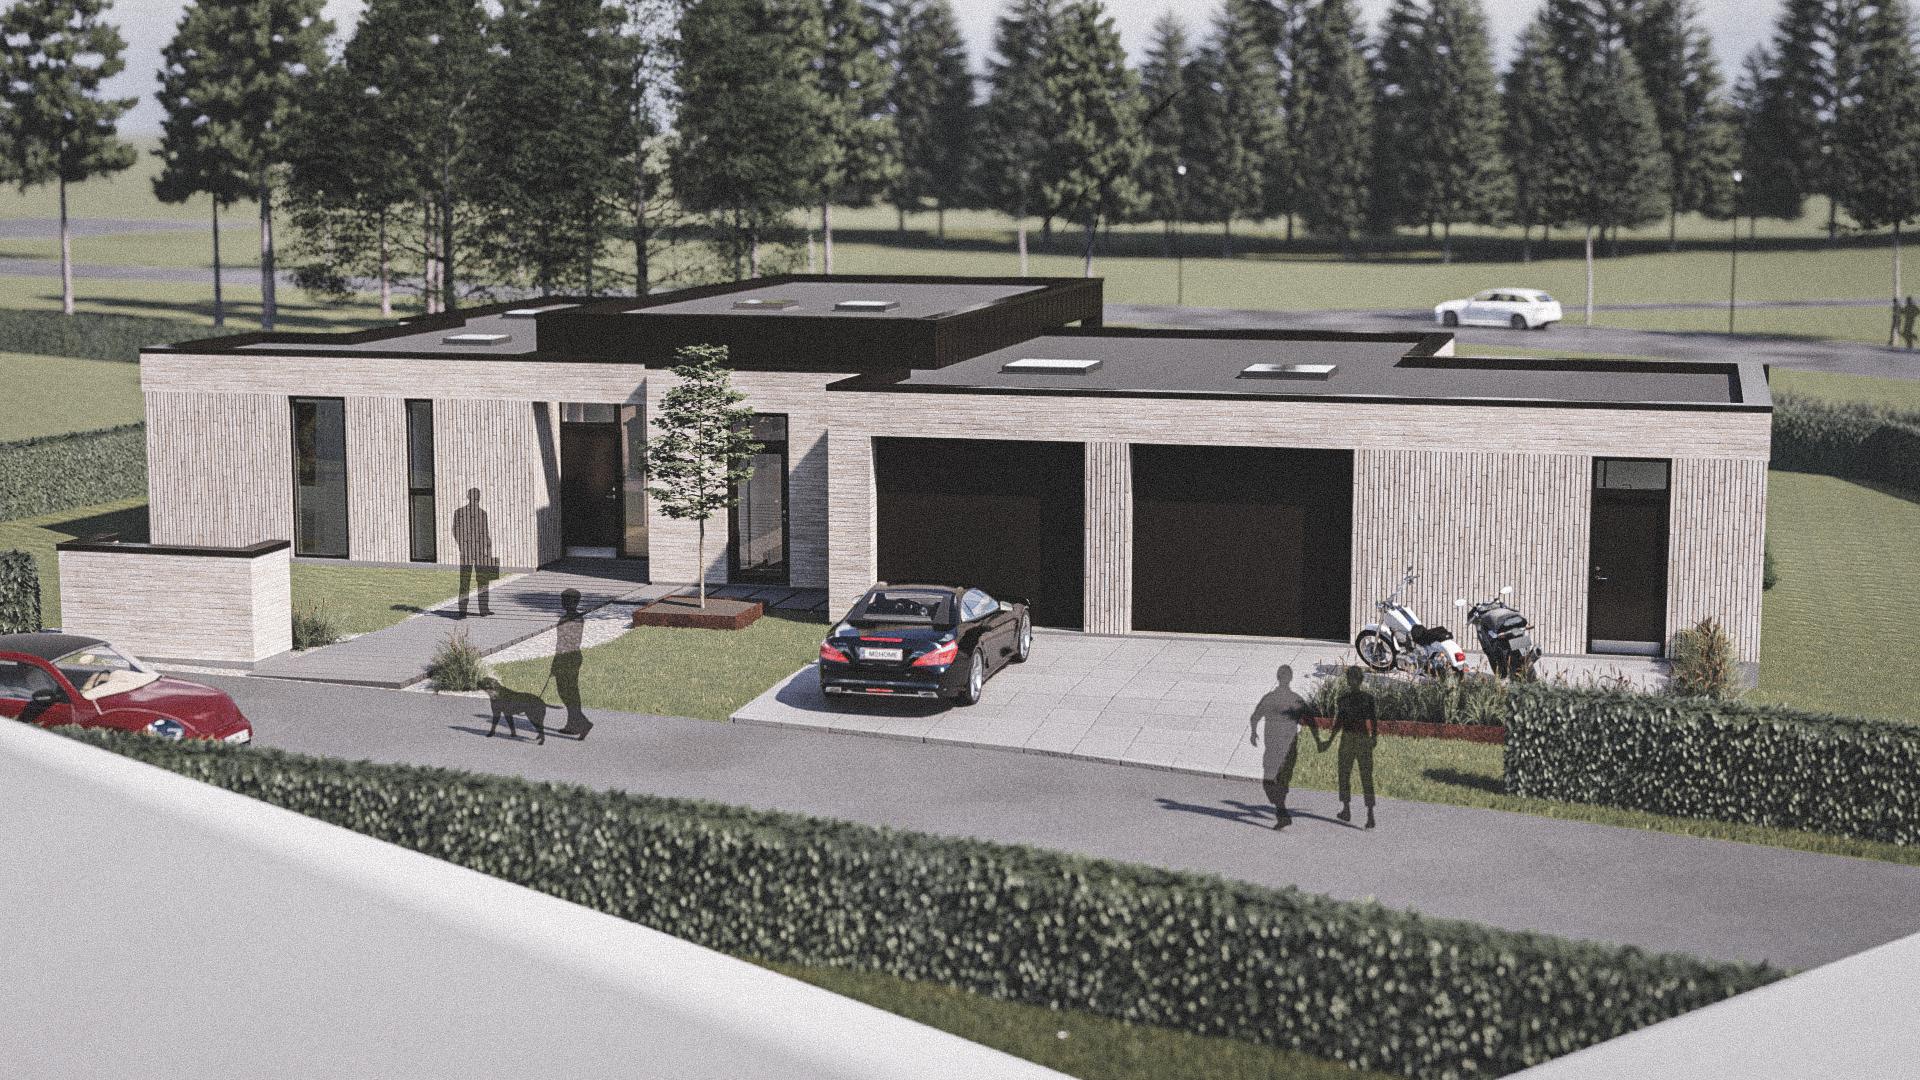 Billede af Dansk arkitekttegnet 1 plan villa af arkitektfirmaet m2plus, i Nyborg på 186 kvartratmeter.